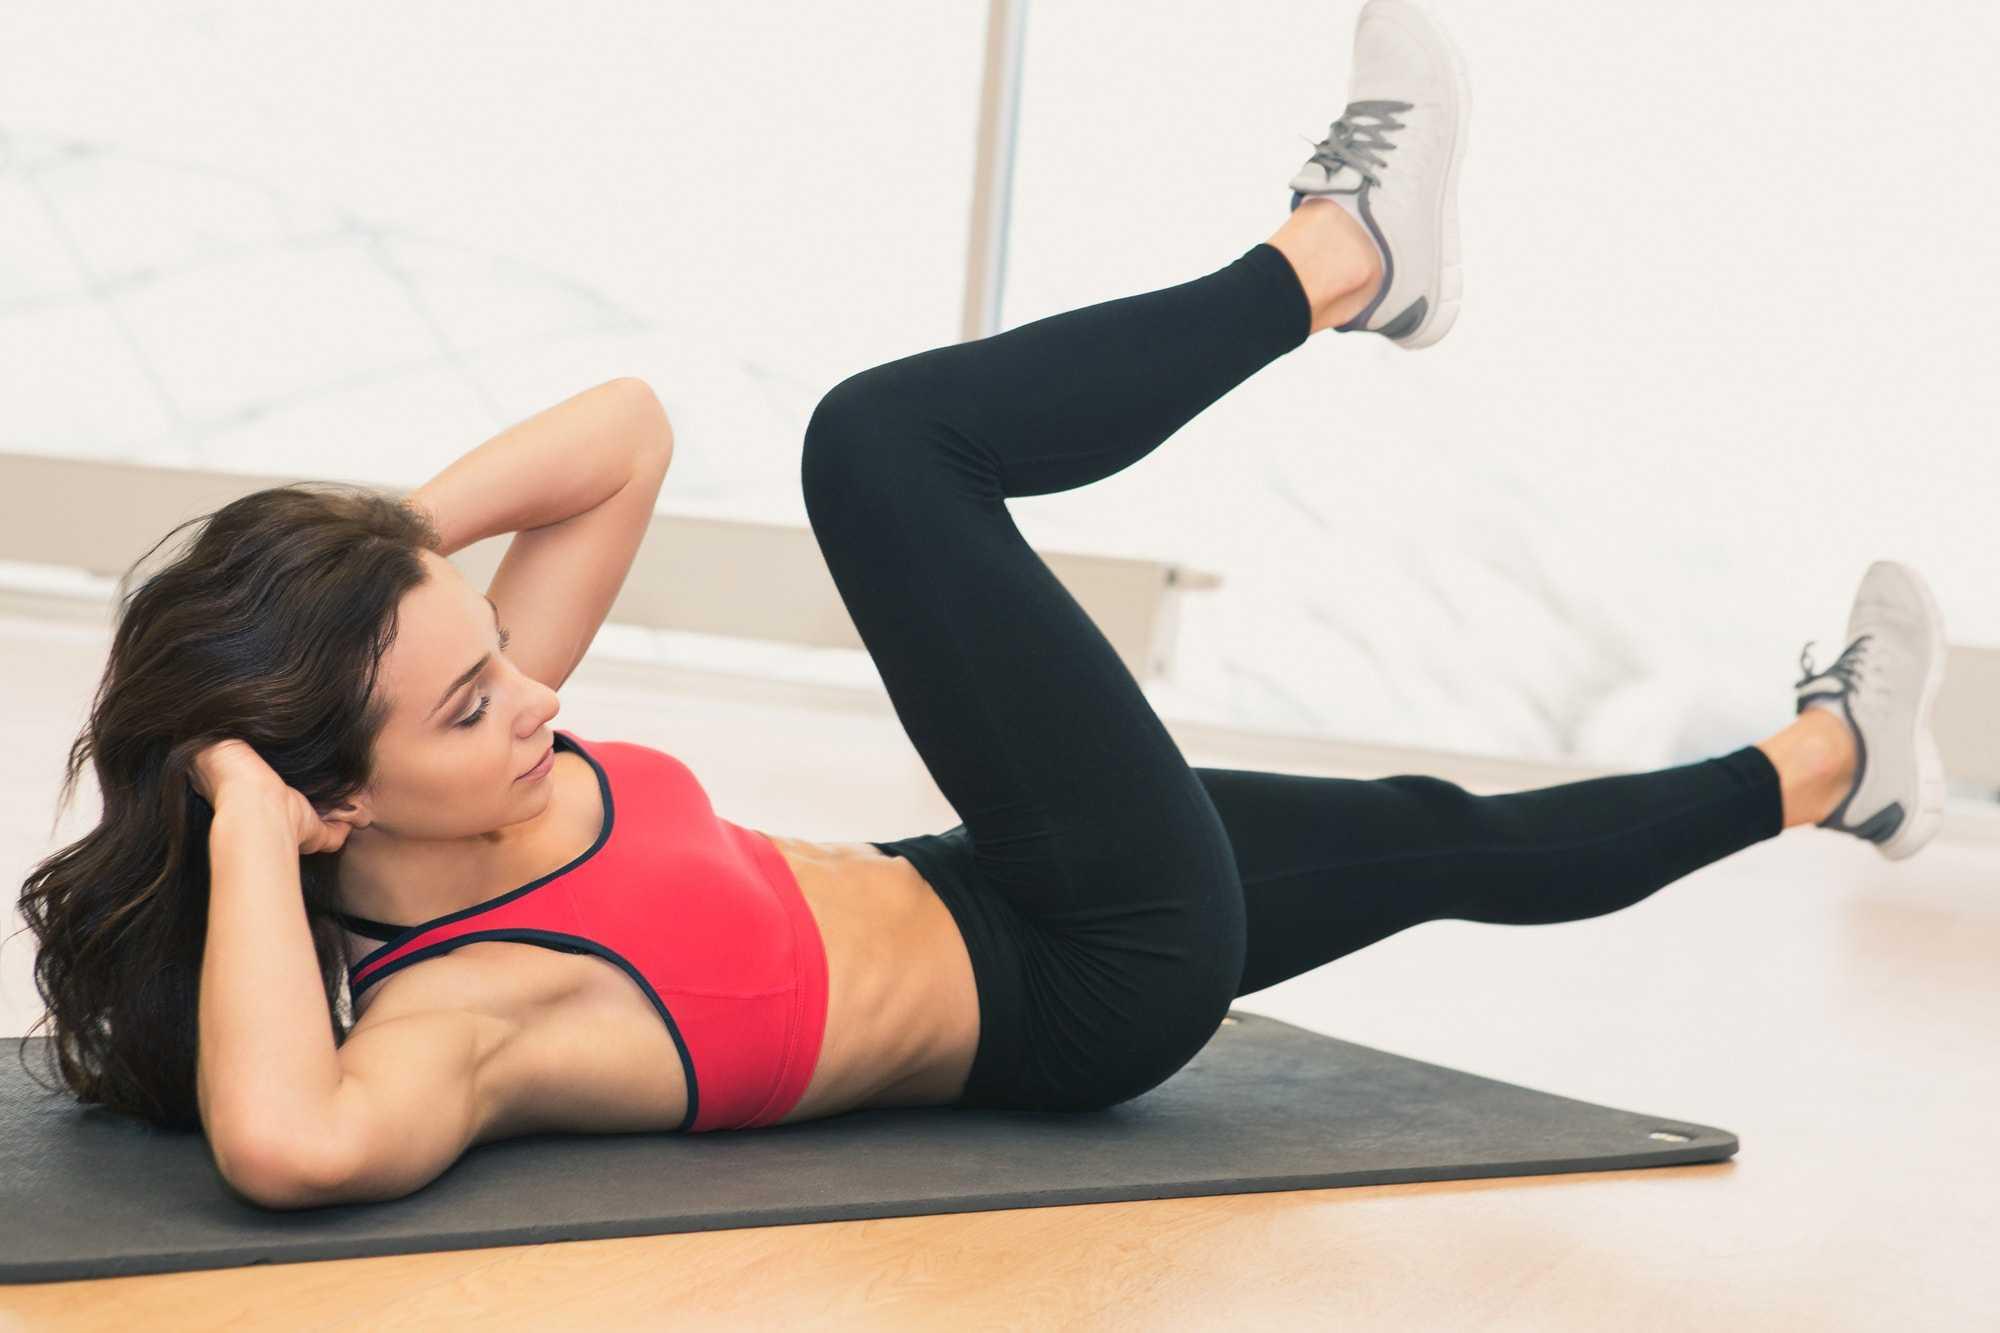 Топ-50 упражнений для ног в домашних условиях (фото)